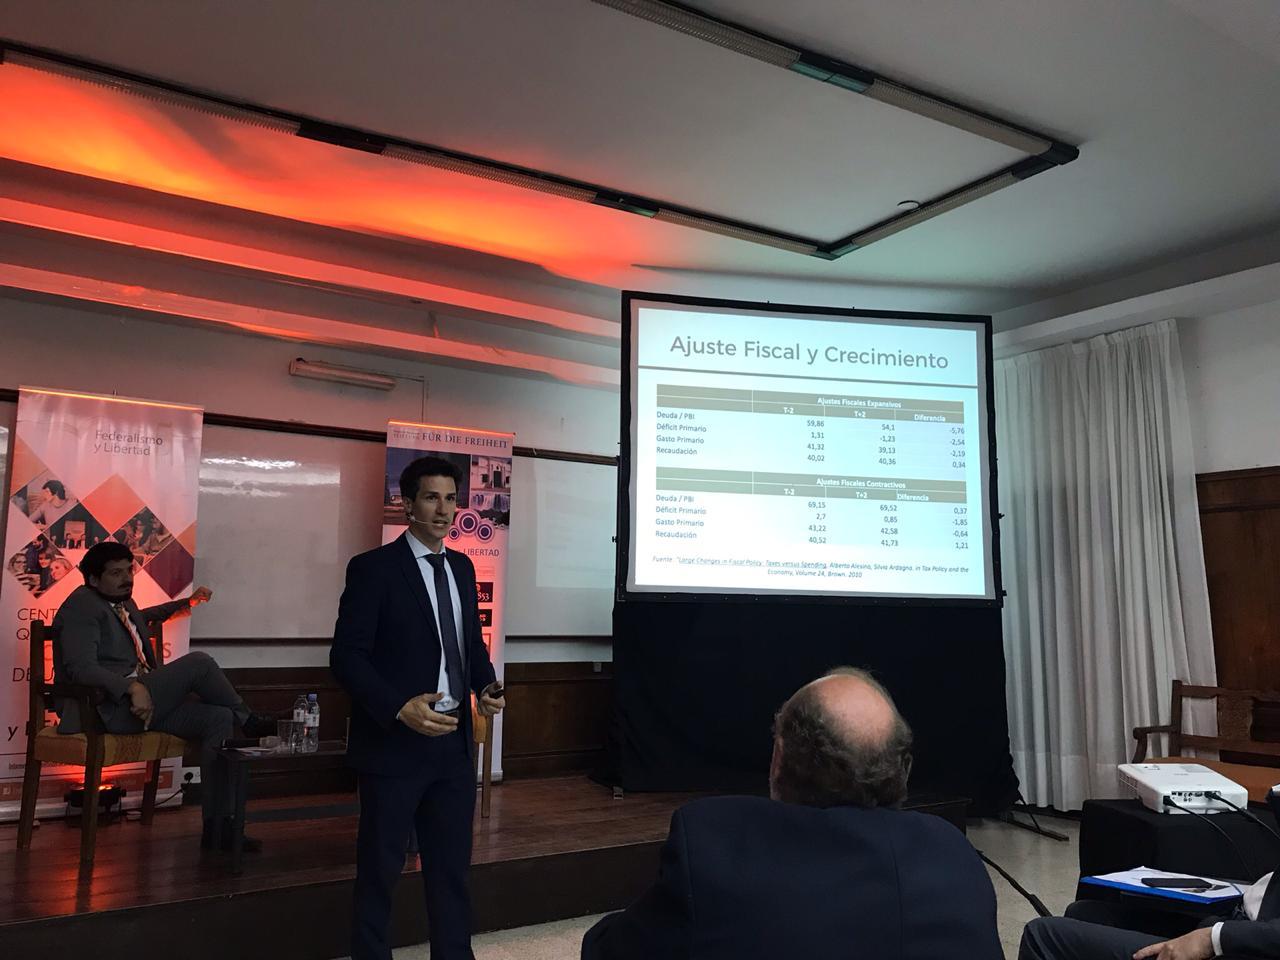 En la Facultad de Ciencias Económicas  de la Universidad Nacional de Jujuy (Diciembre, 2018)